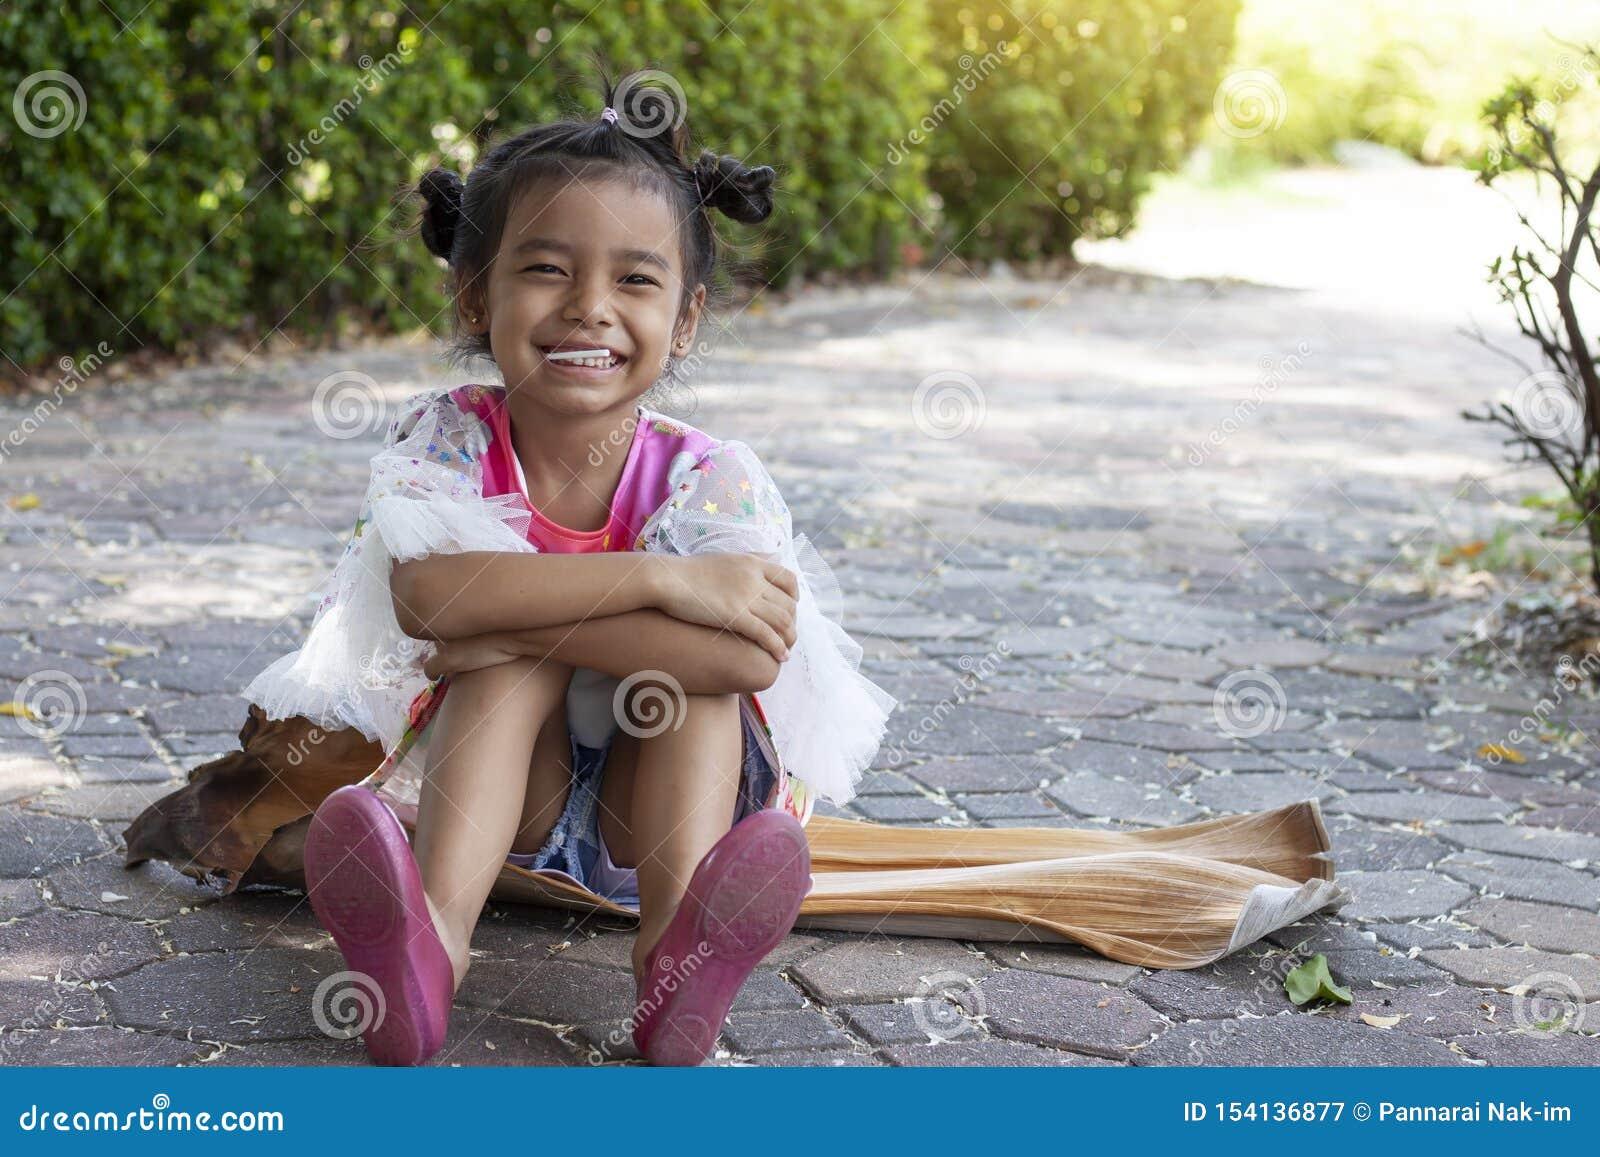 坐的女孩在公园愉快地吃棒棒糖